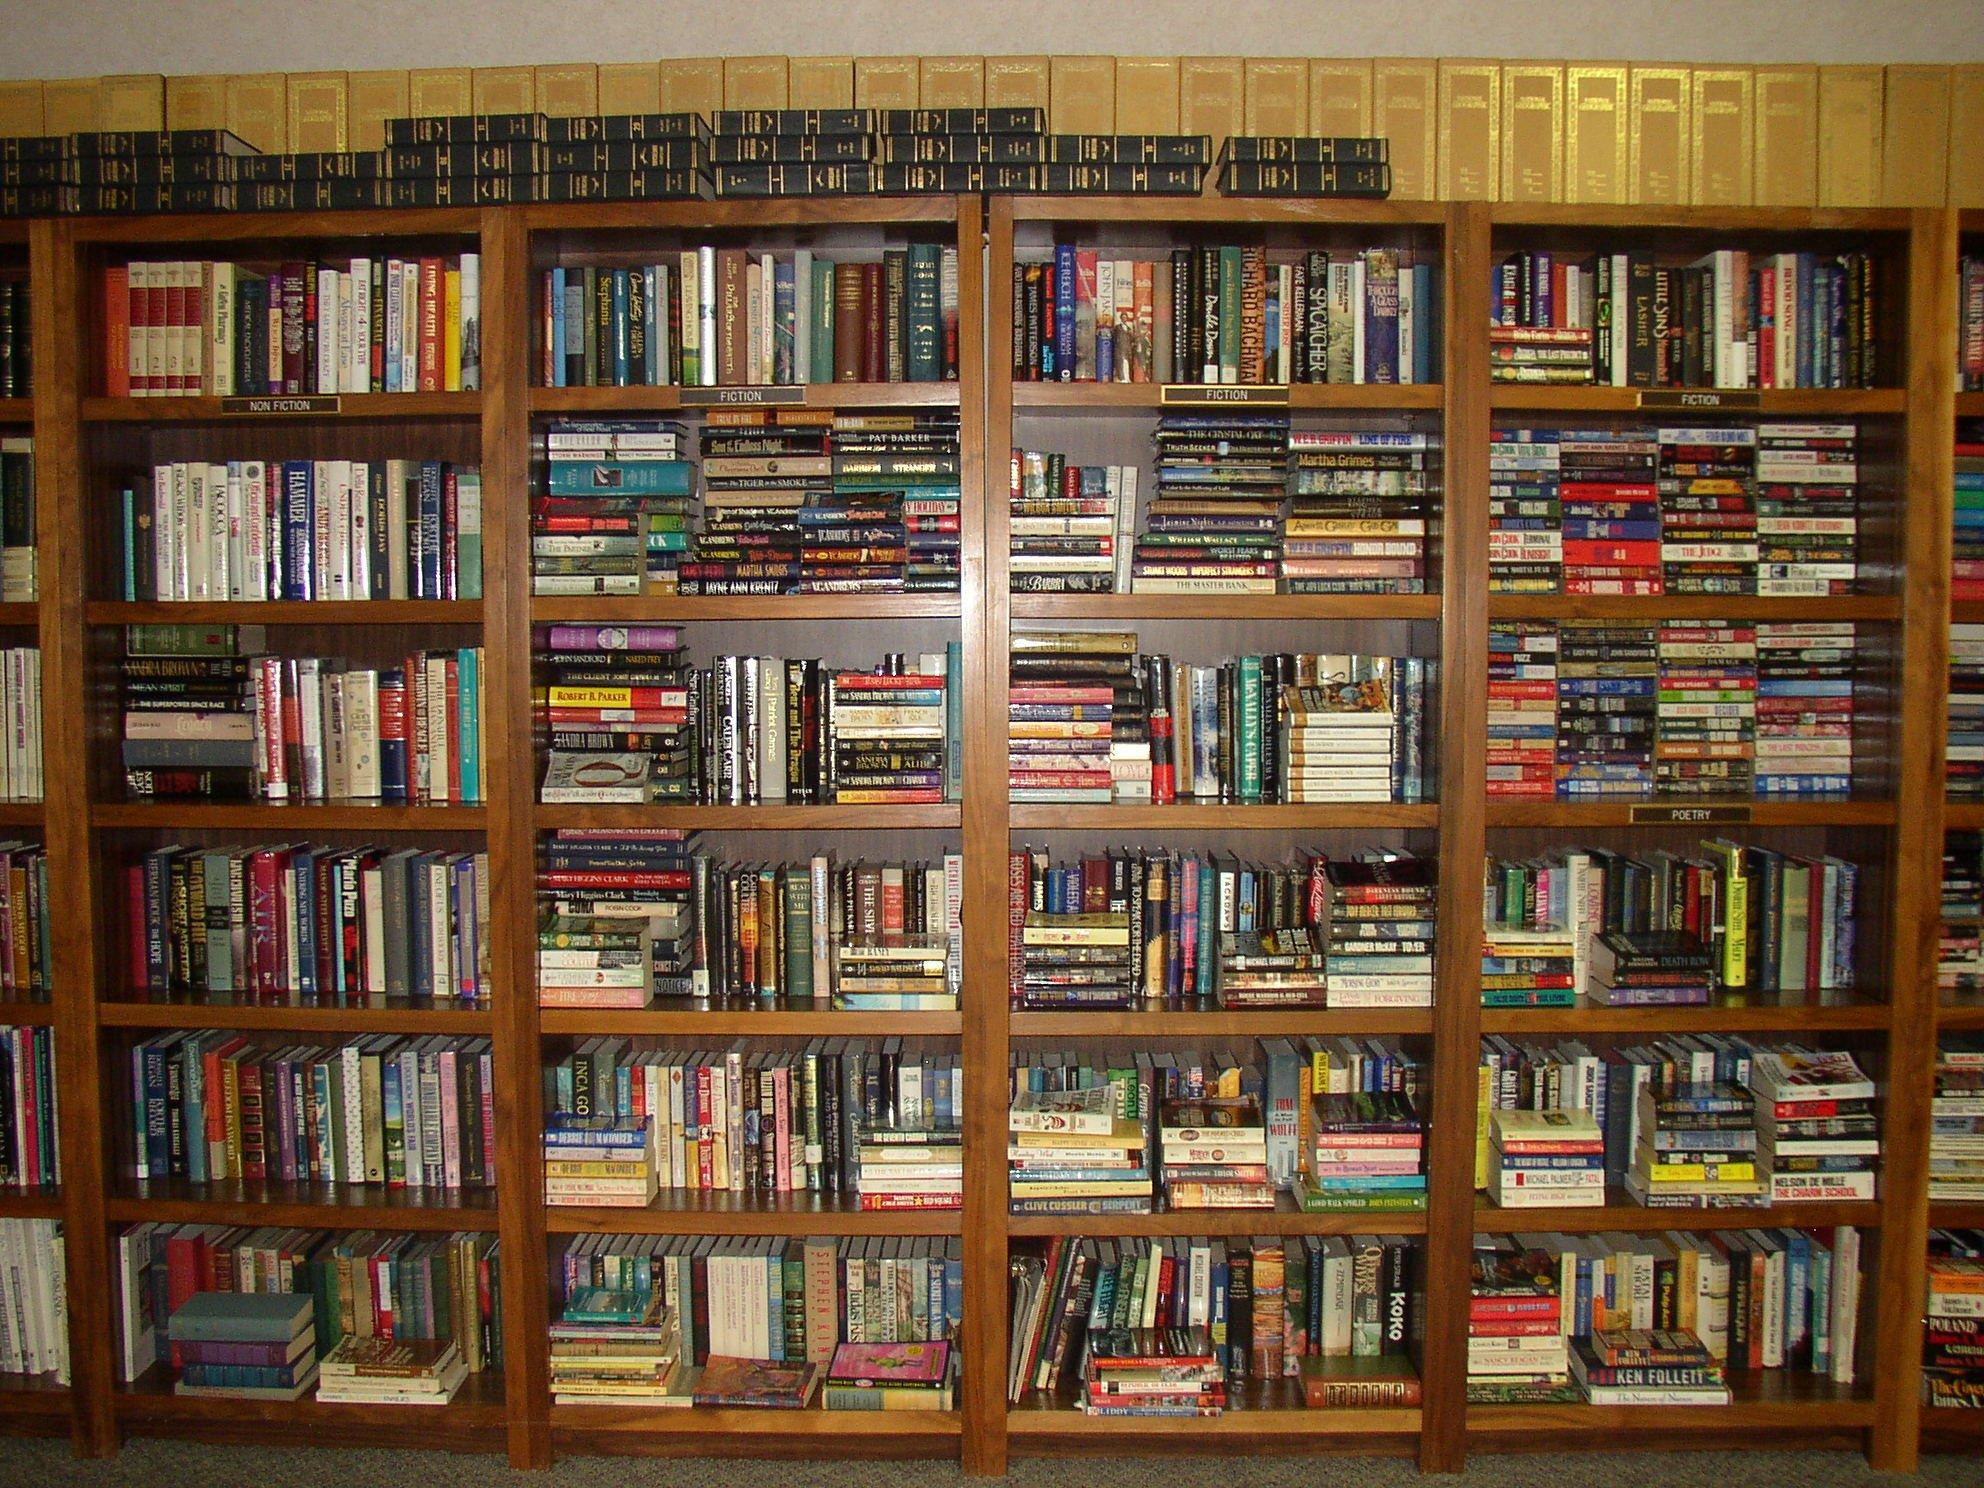 Открытка библиоткарю с поздравлением в день библиотек.